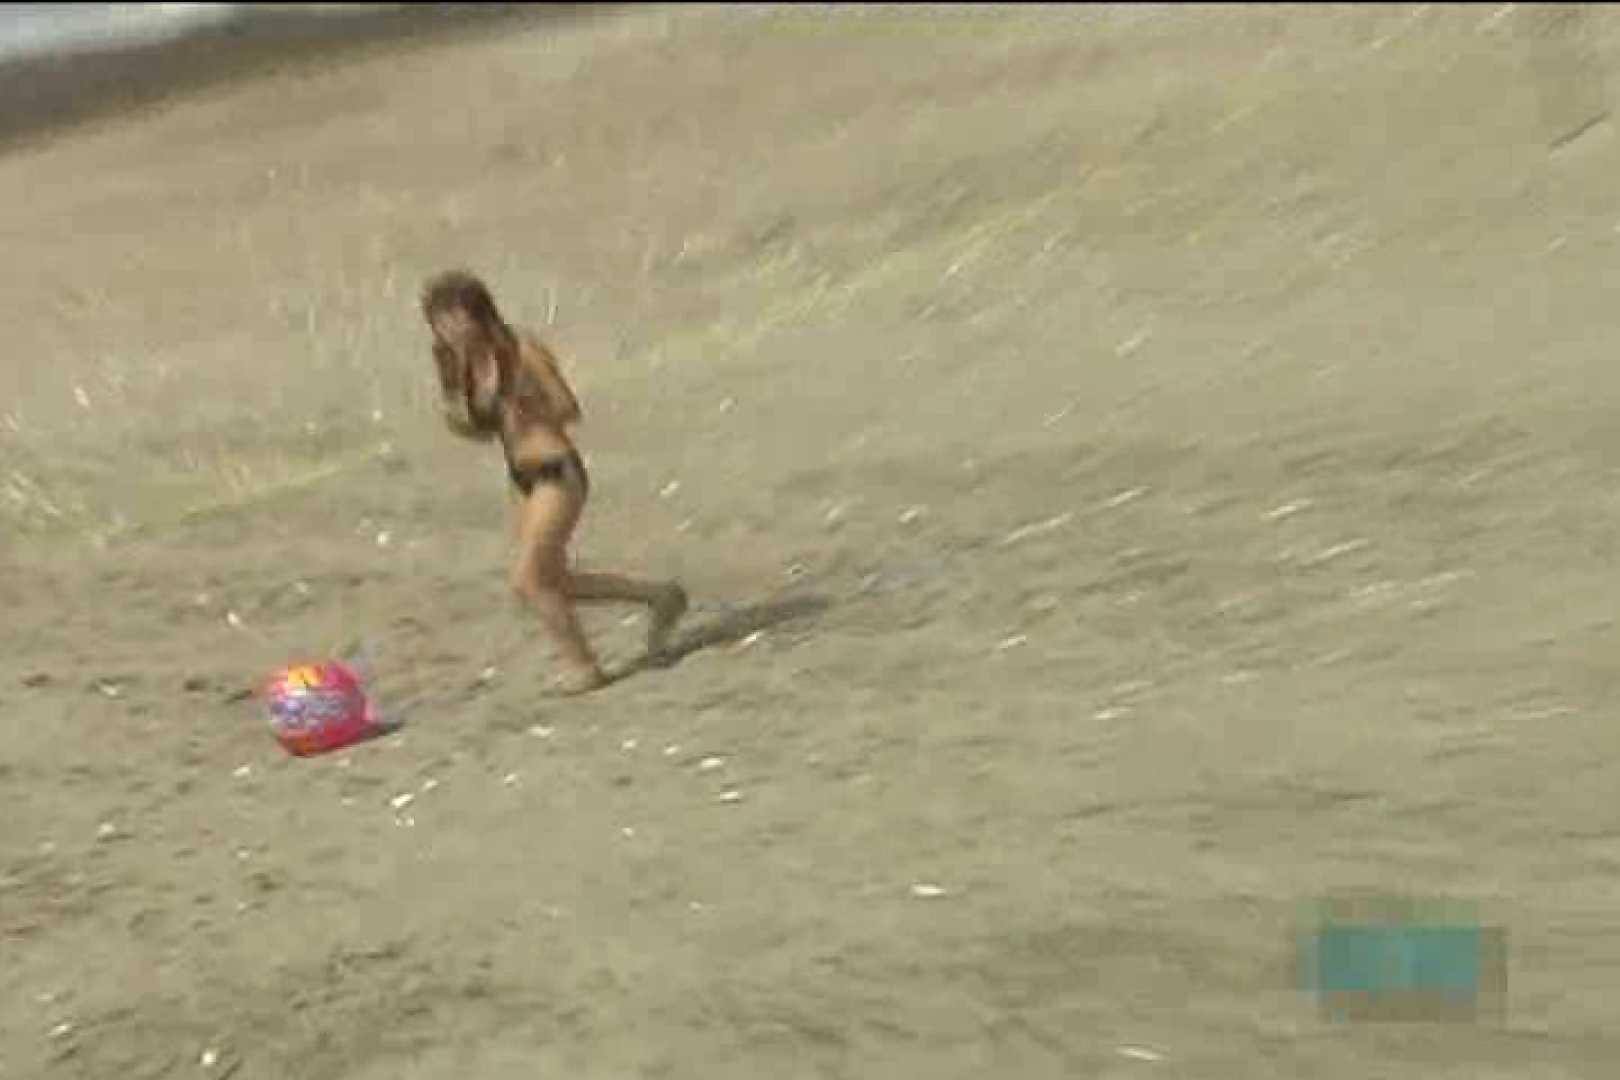 真夏のビーチは危険地帯Vol.3 水着 オマンコ無修正動画無料 79画像 8